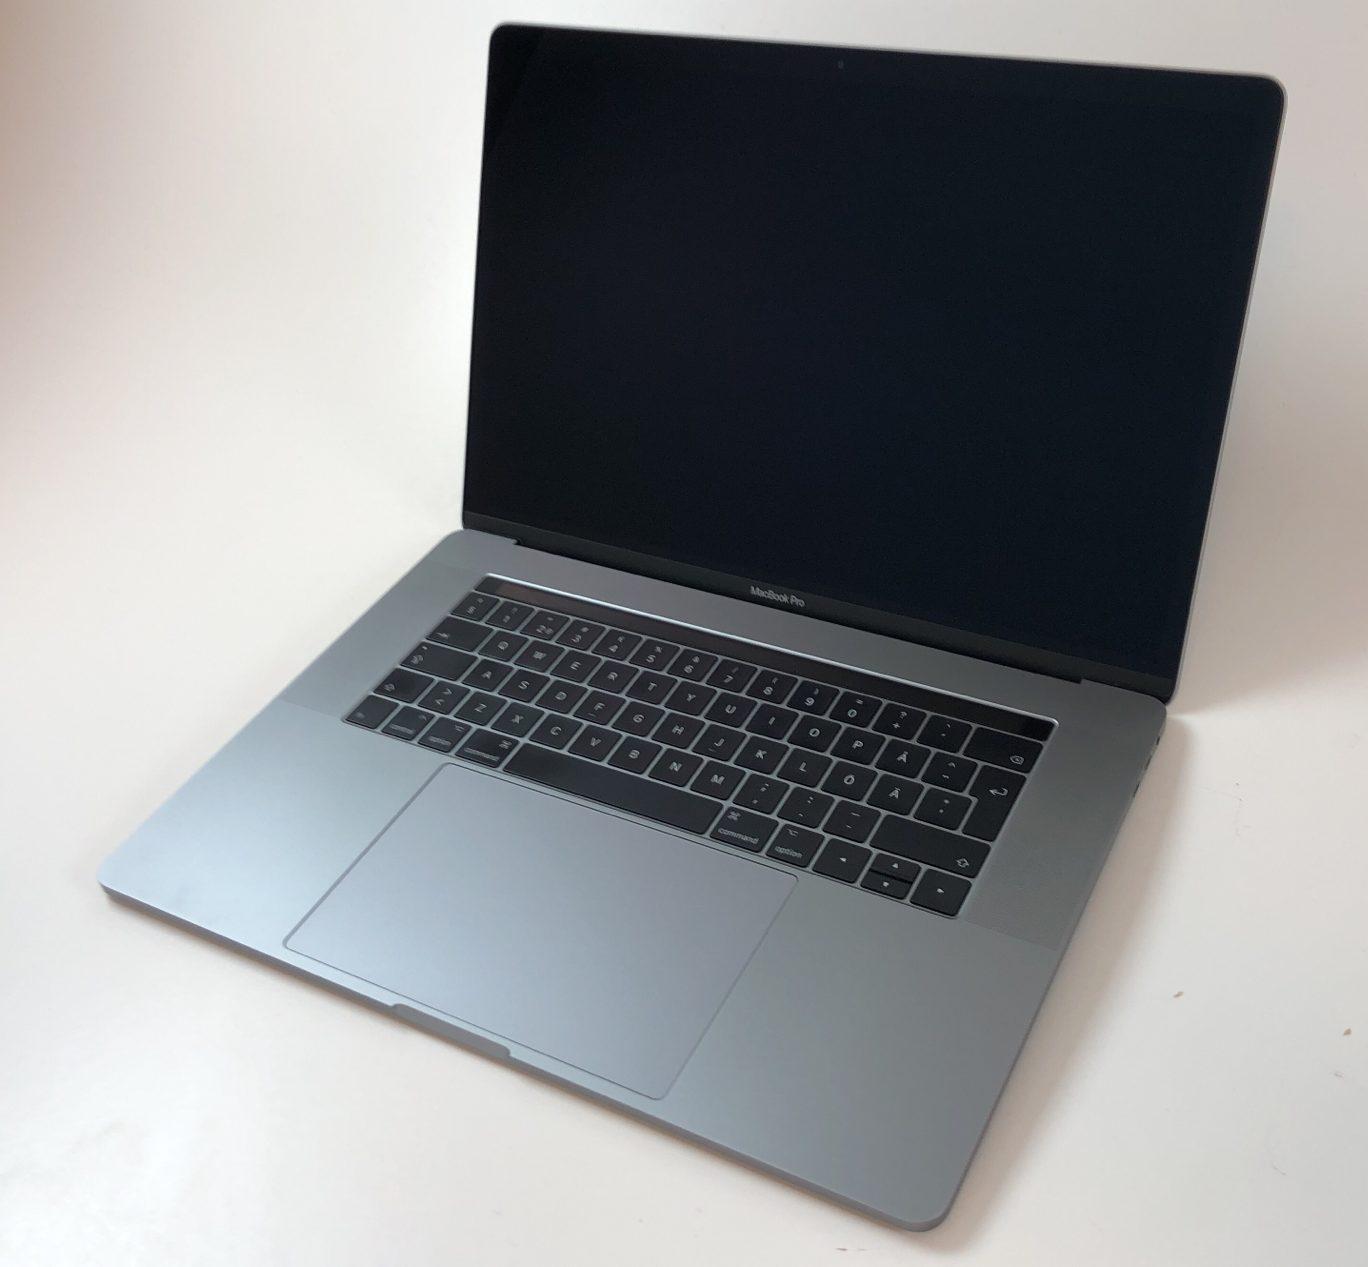 """MacBook Pro 15"""" Touch Bar Mid 2017 (Intel Quad-Core i7 2.8 GHz 16 GB RAM 256 GB SSD), Space Gray, Intel Quad-Core i7 2.8 GHz, 16 GB RAM, 256 GB SSD, Kuva 1"""